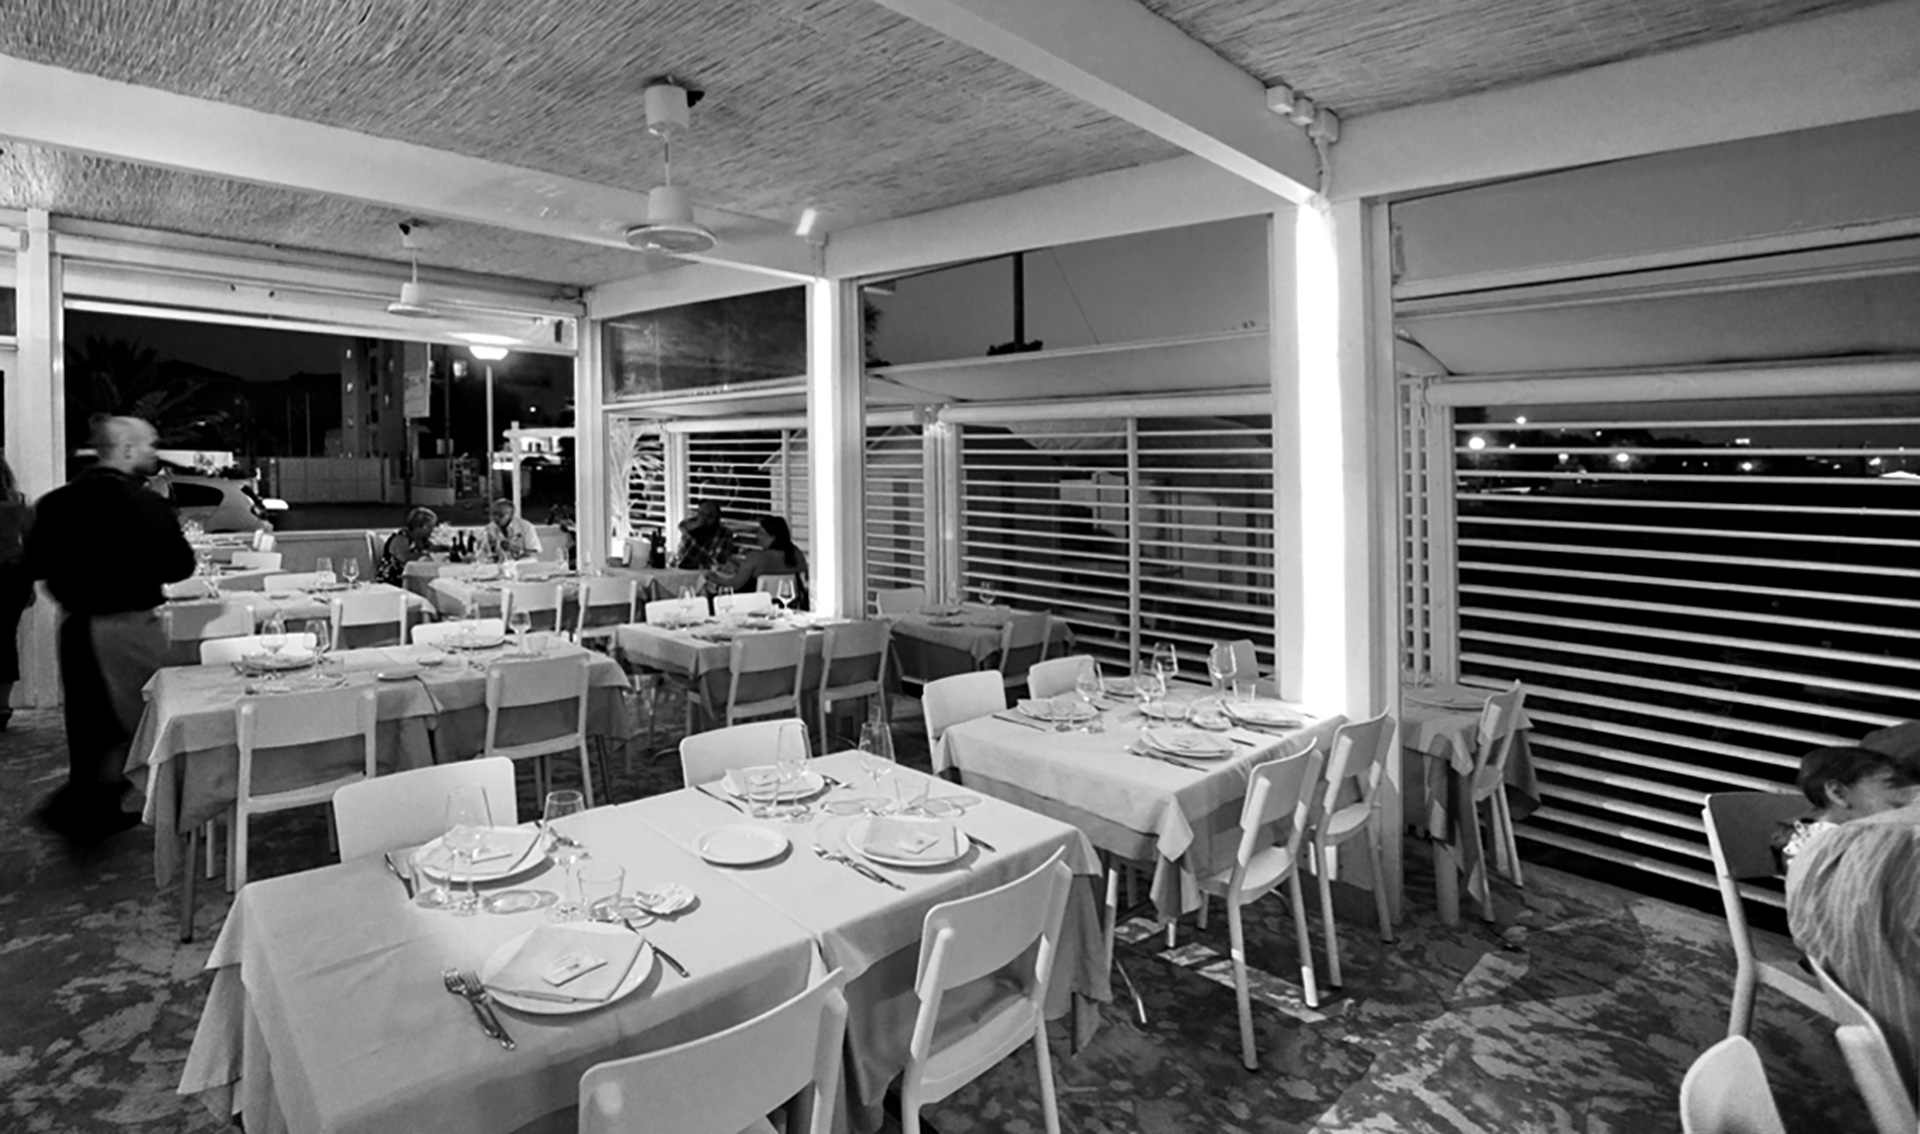 ristorante da ciccio. sala dall'interno